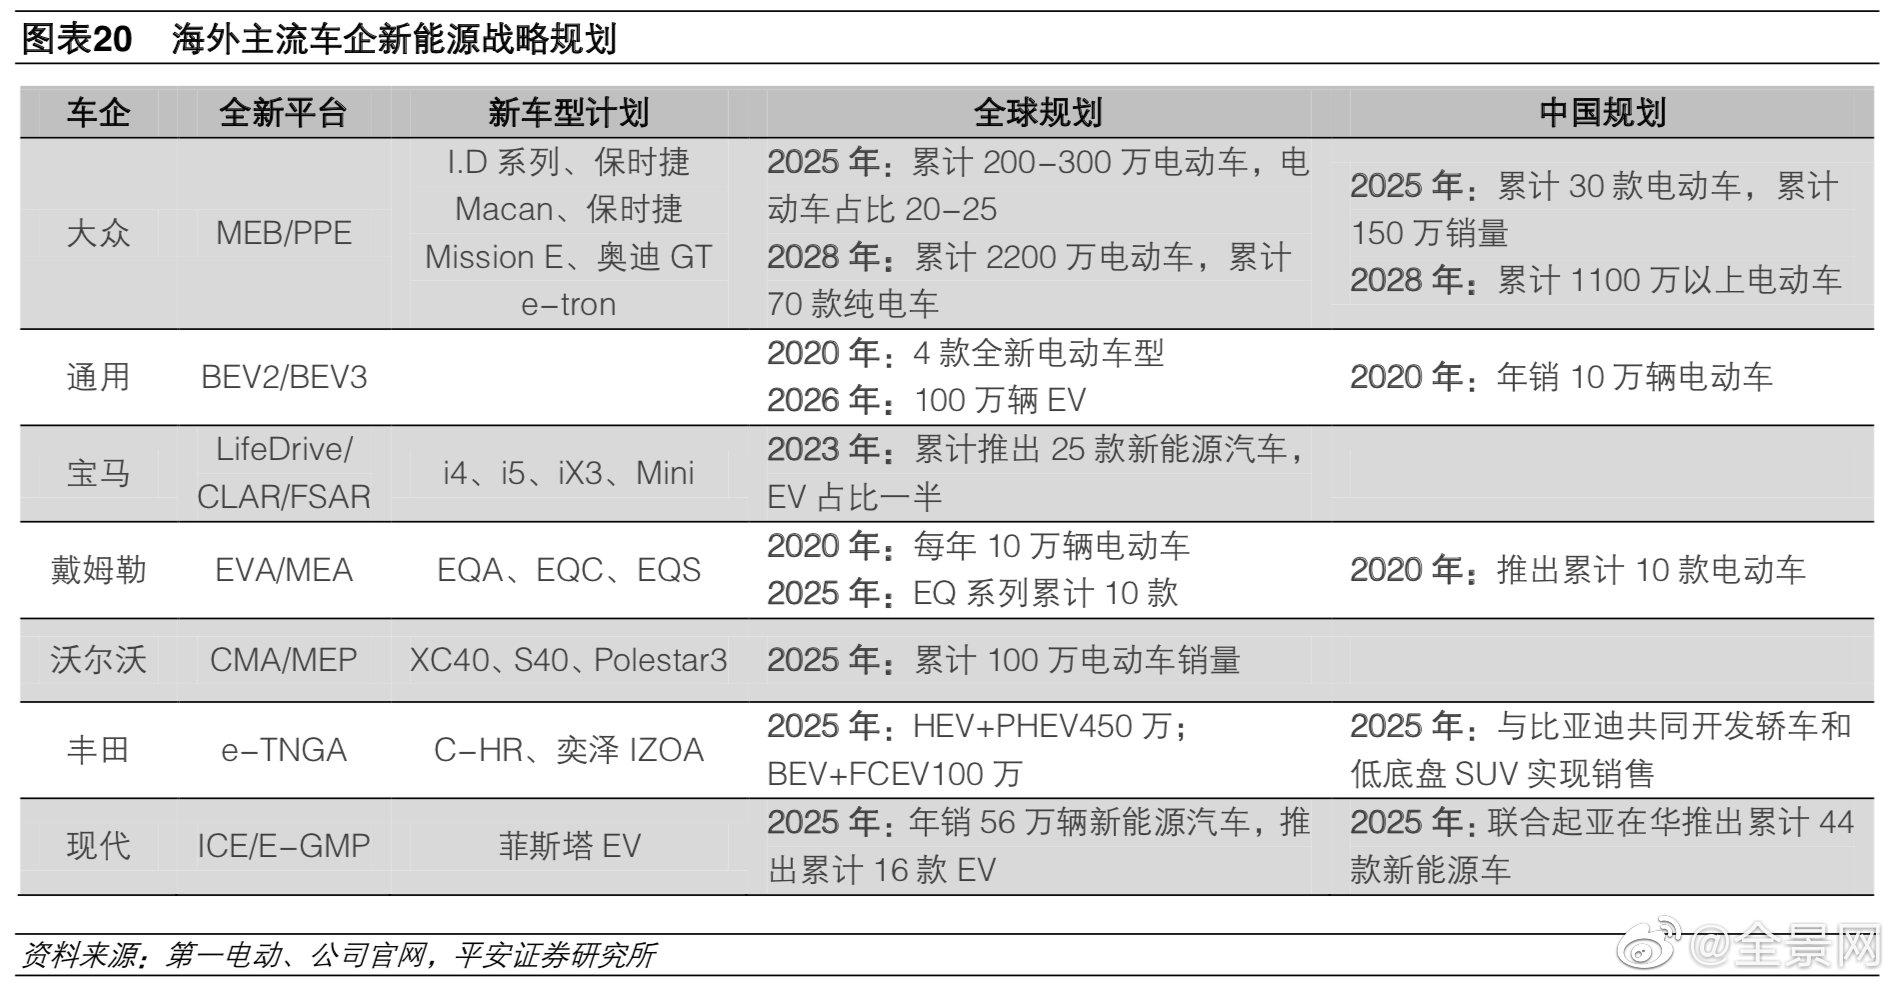 平安证券:补贴退坡影响减弱,预计2020年新能源车销量180万辆